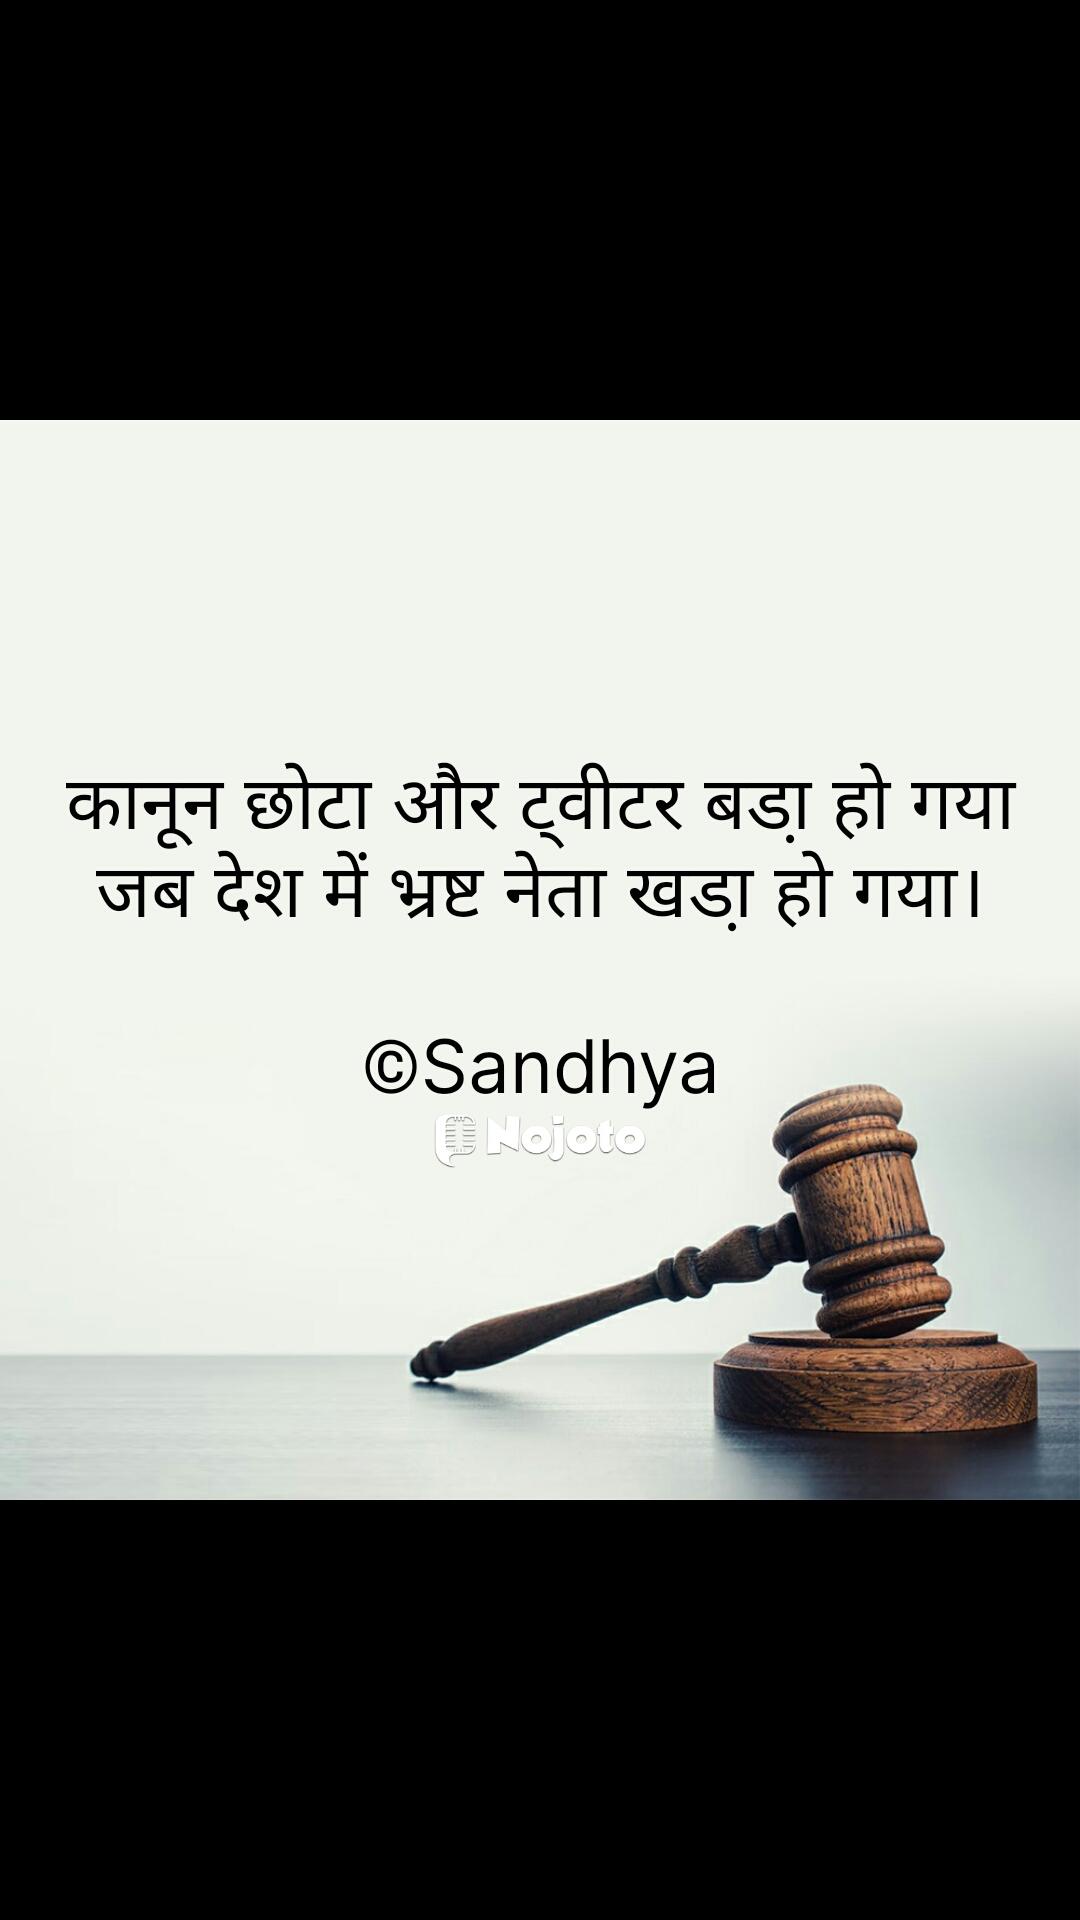 कानून छोटा और ट्वीटर बडा़ हो गया जब देश में भ्रष्ट नेता खडा़ हो गया।  ©Sandhya